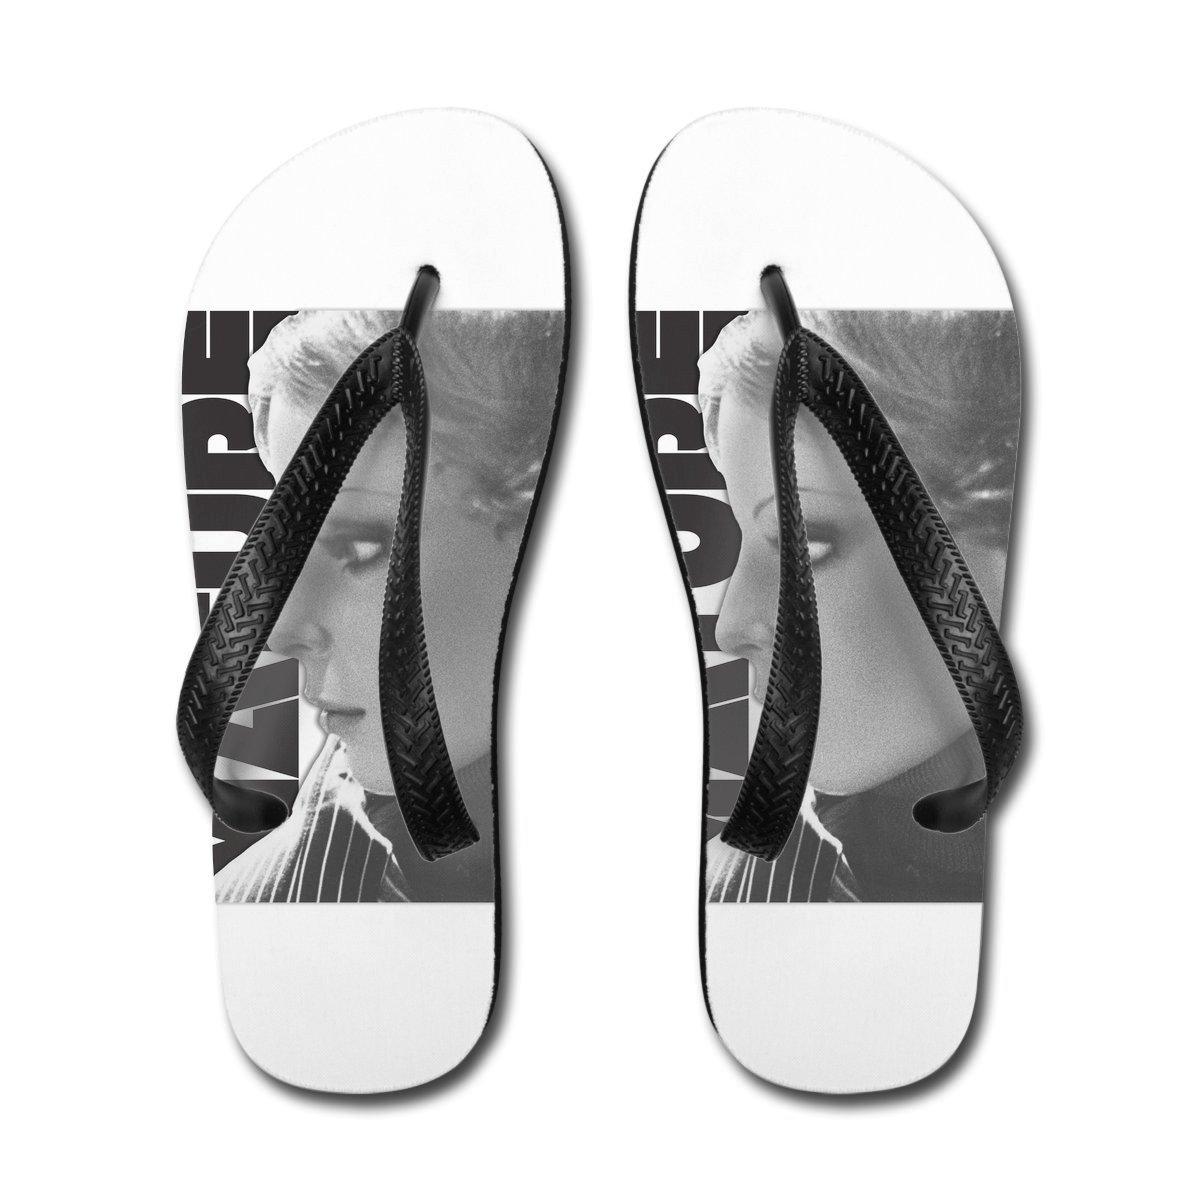 Vintage Retro Mature Babe Adult Sandals Large: Amazon.co.uk: Shoes & Bags